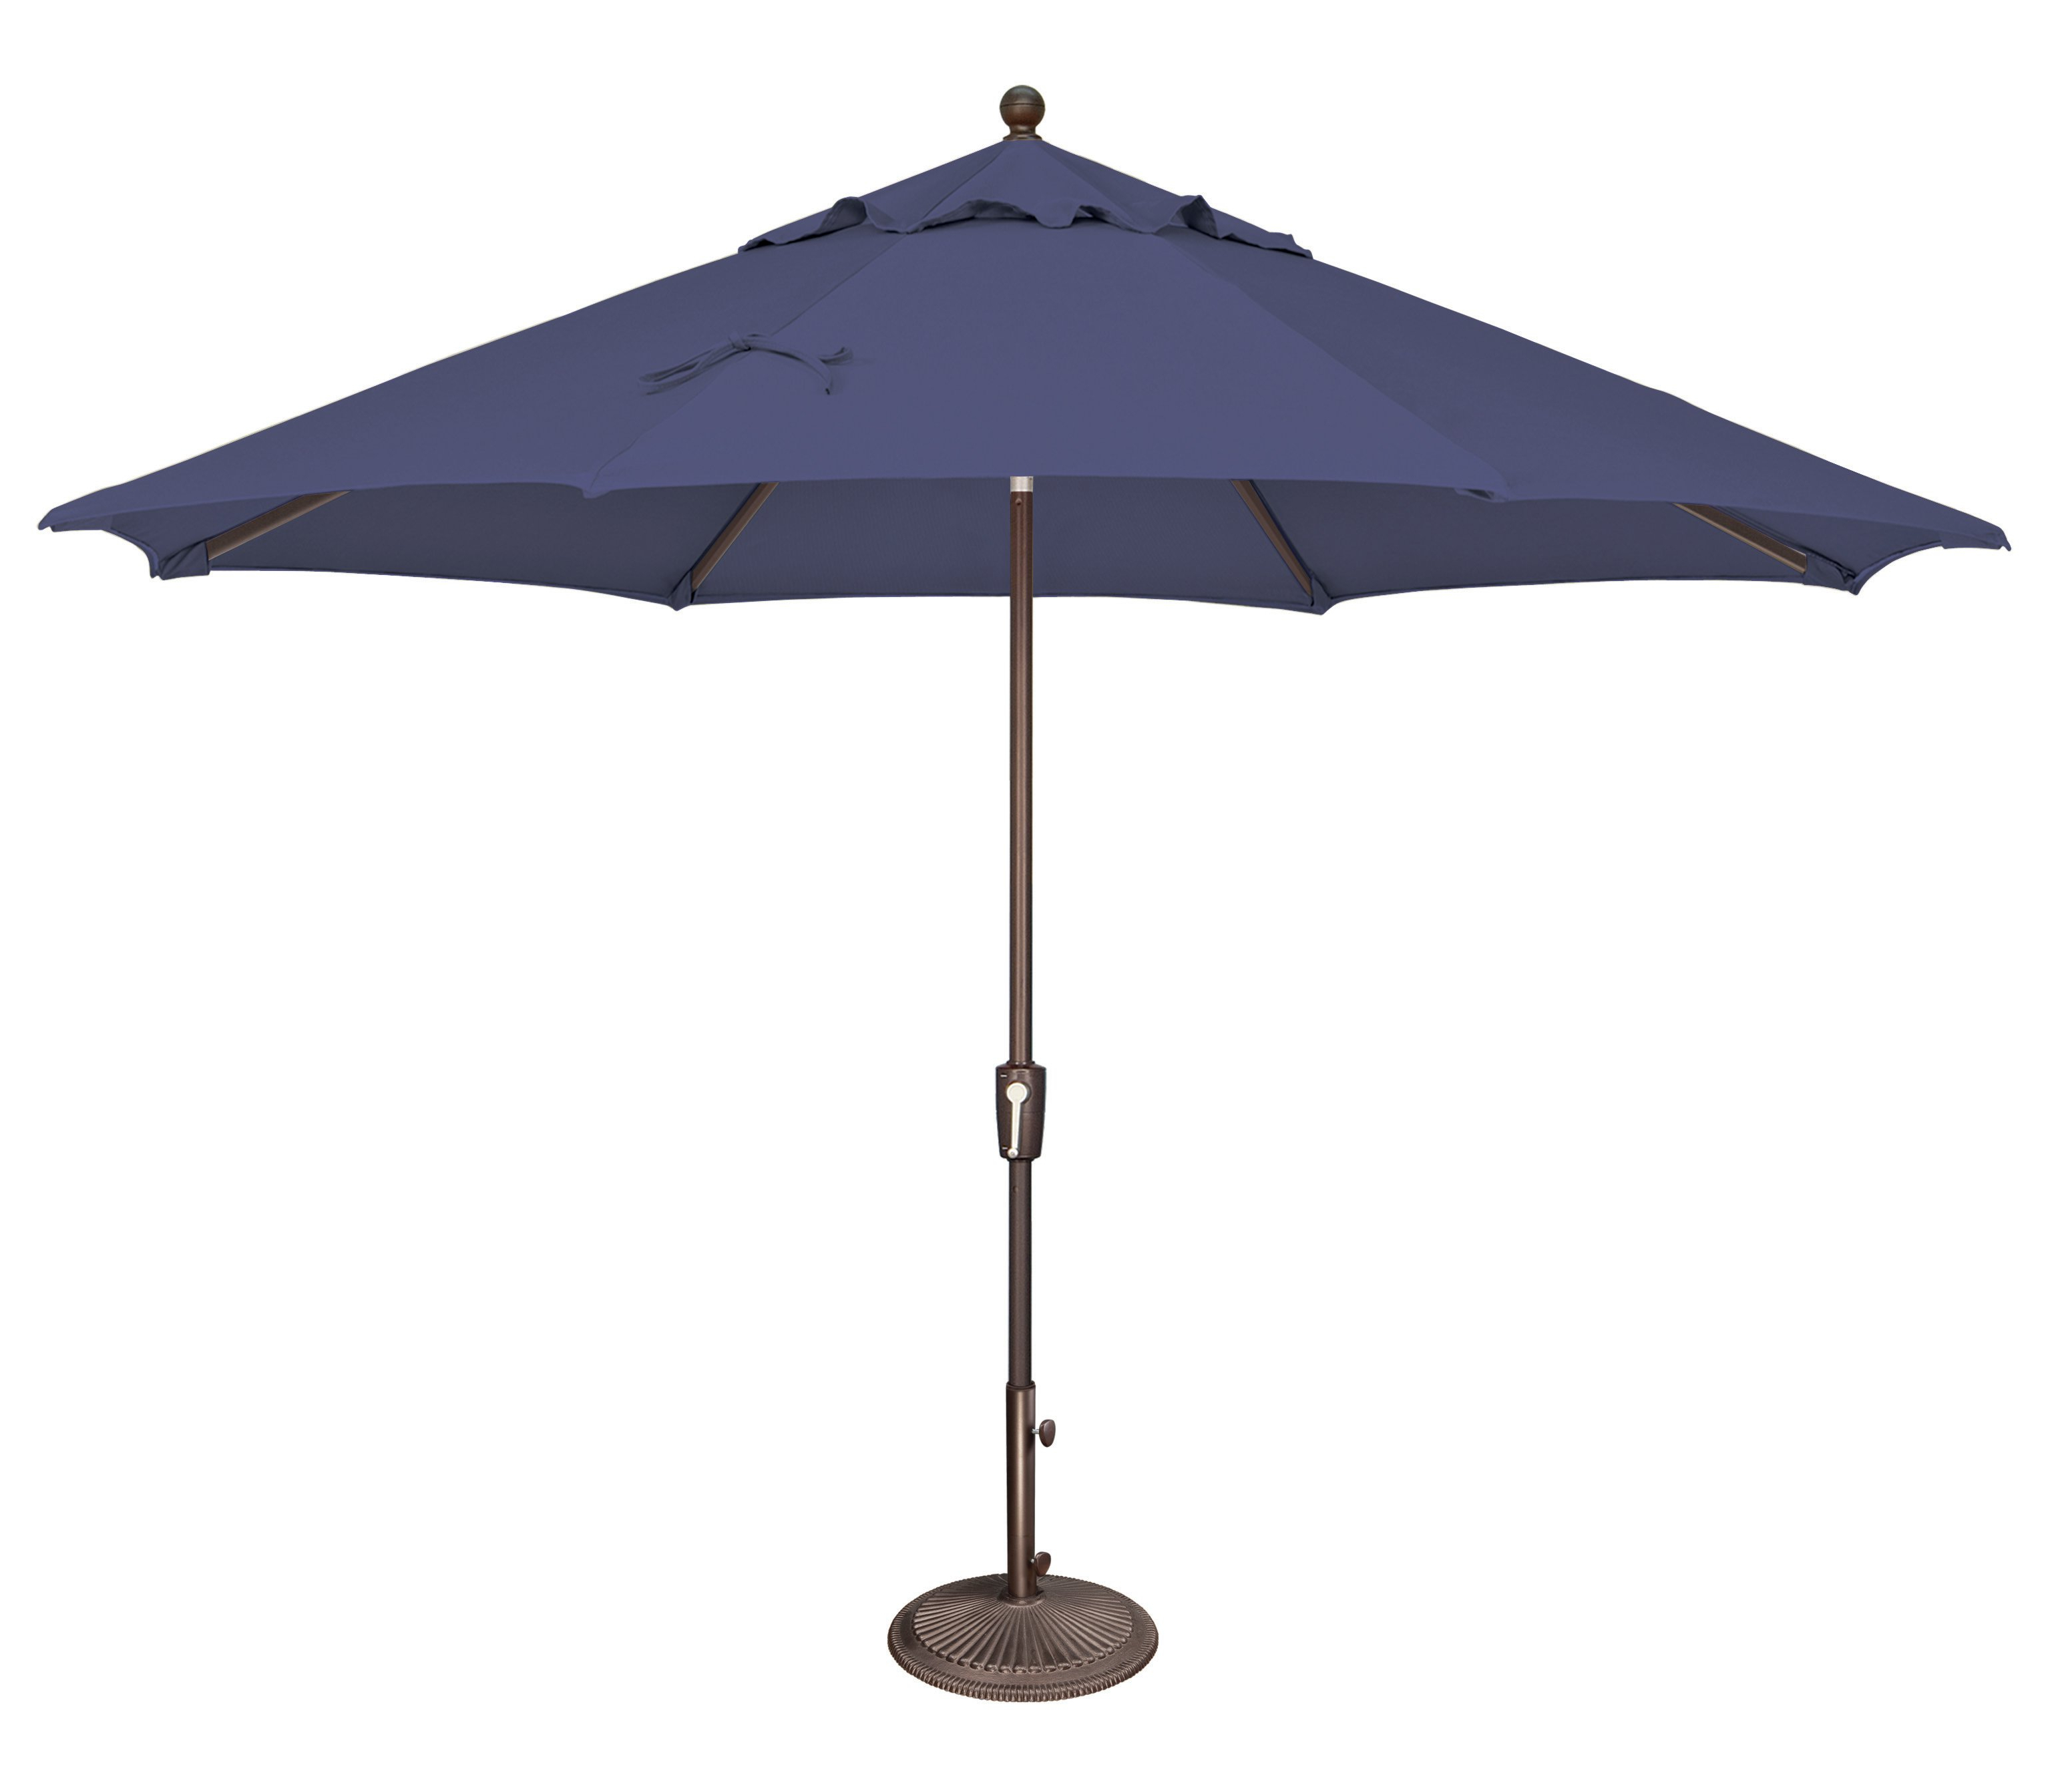 Launceston 11' Market Umbrella Within Widely Used Launceston Rectangular Market Umbrellas (View 5 of 20)